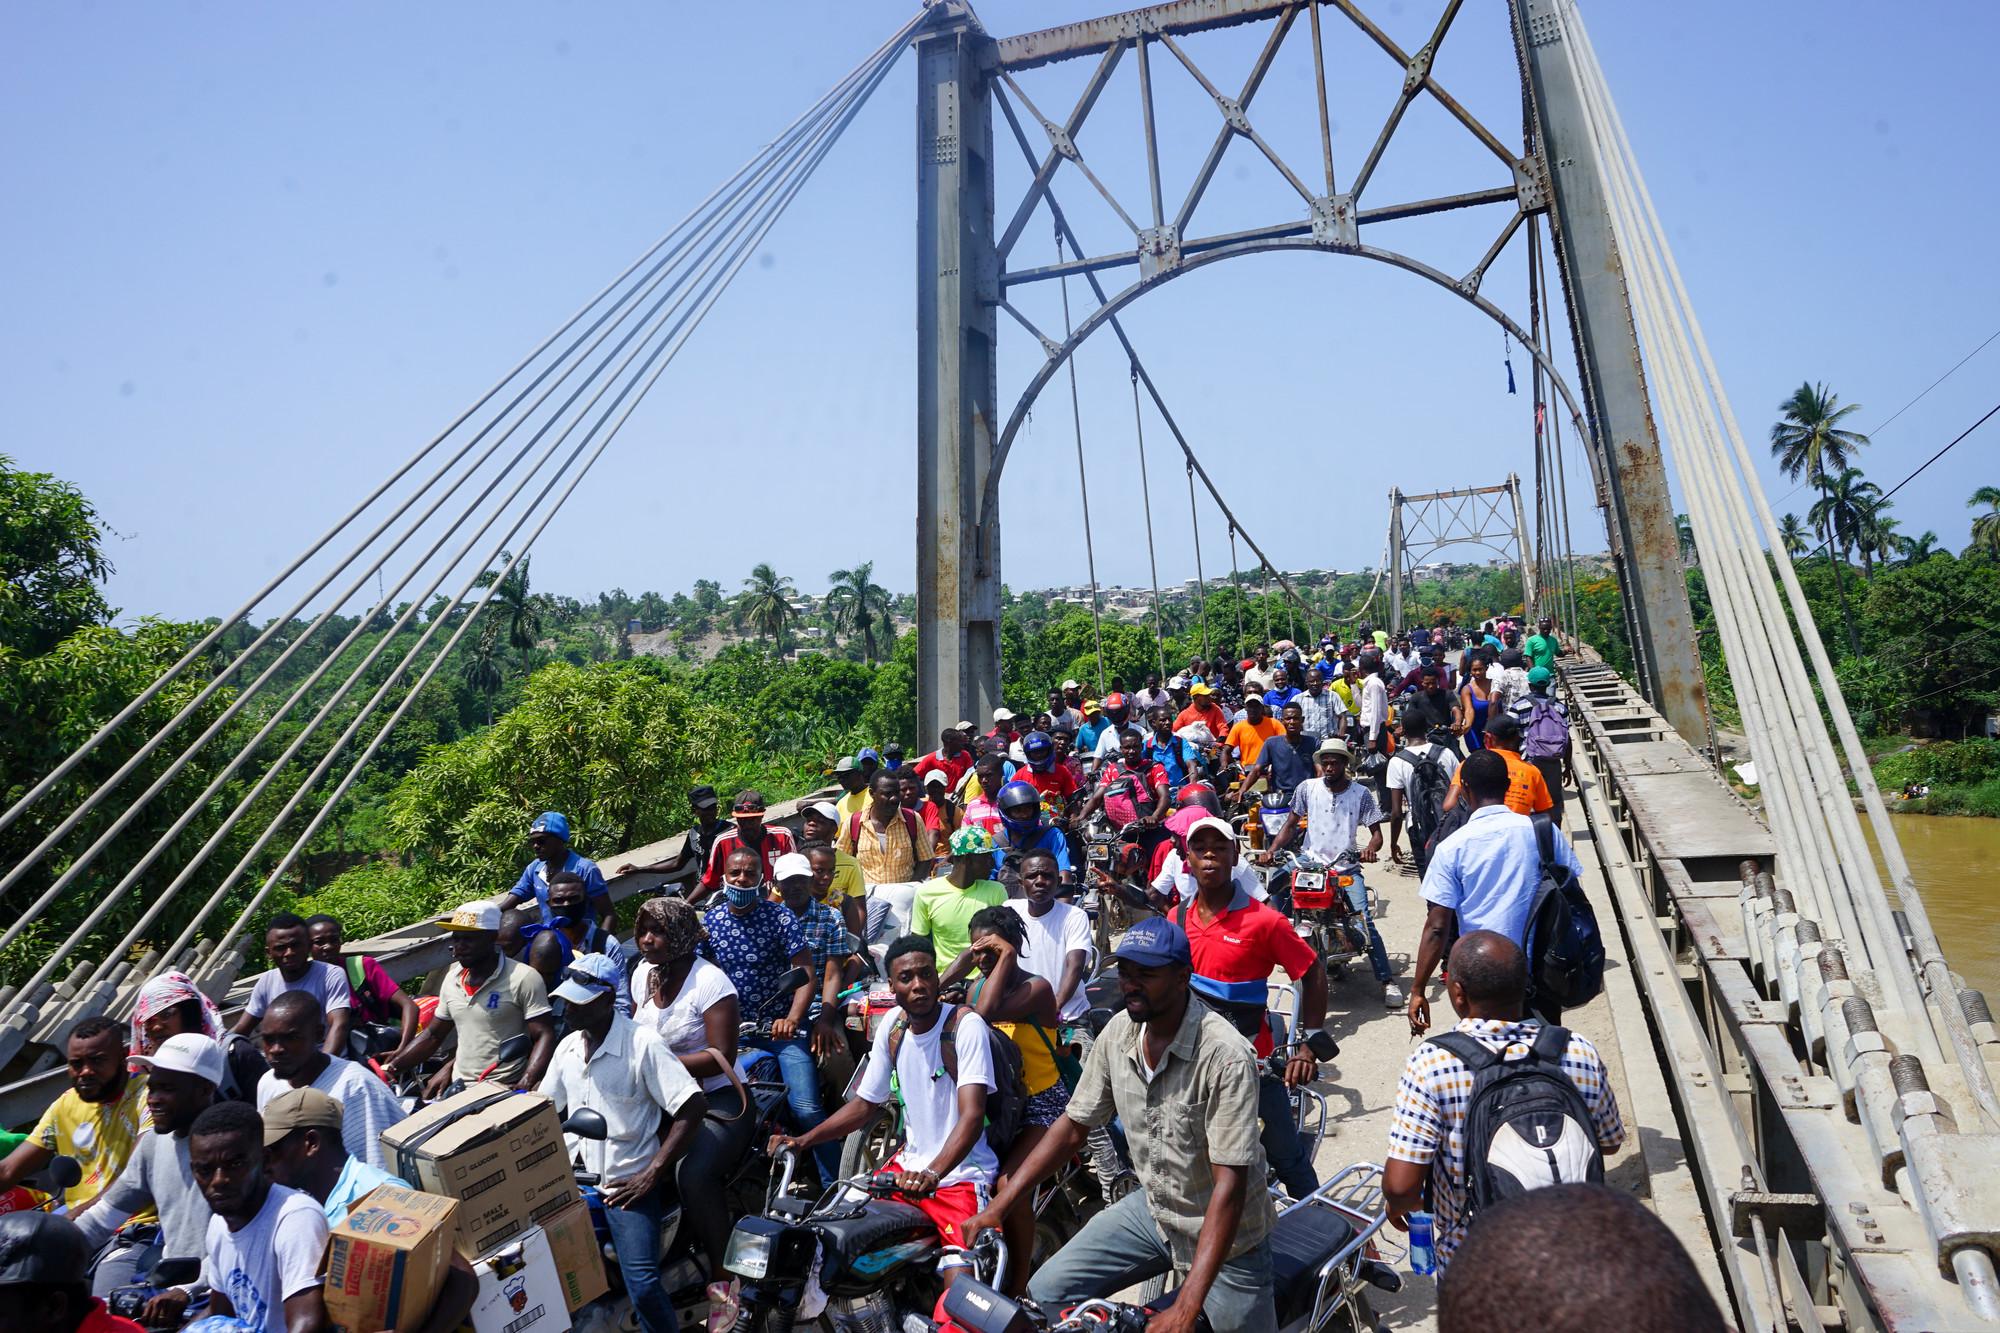 Des personnes photographiées sur et à proximité du pont Dumarsais Estimé, où les piétons et certains véhicules plus petits peuvent passer, mais pas les camions, fin août 2021, après un tremblement de terre de 7.2 qui a fait des ravages en Haïti. Le pont relie la ville de Jèrèmie au reste des autoroutes du pays.